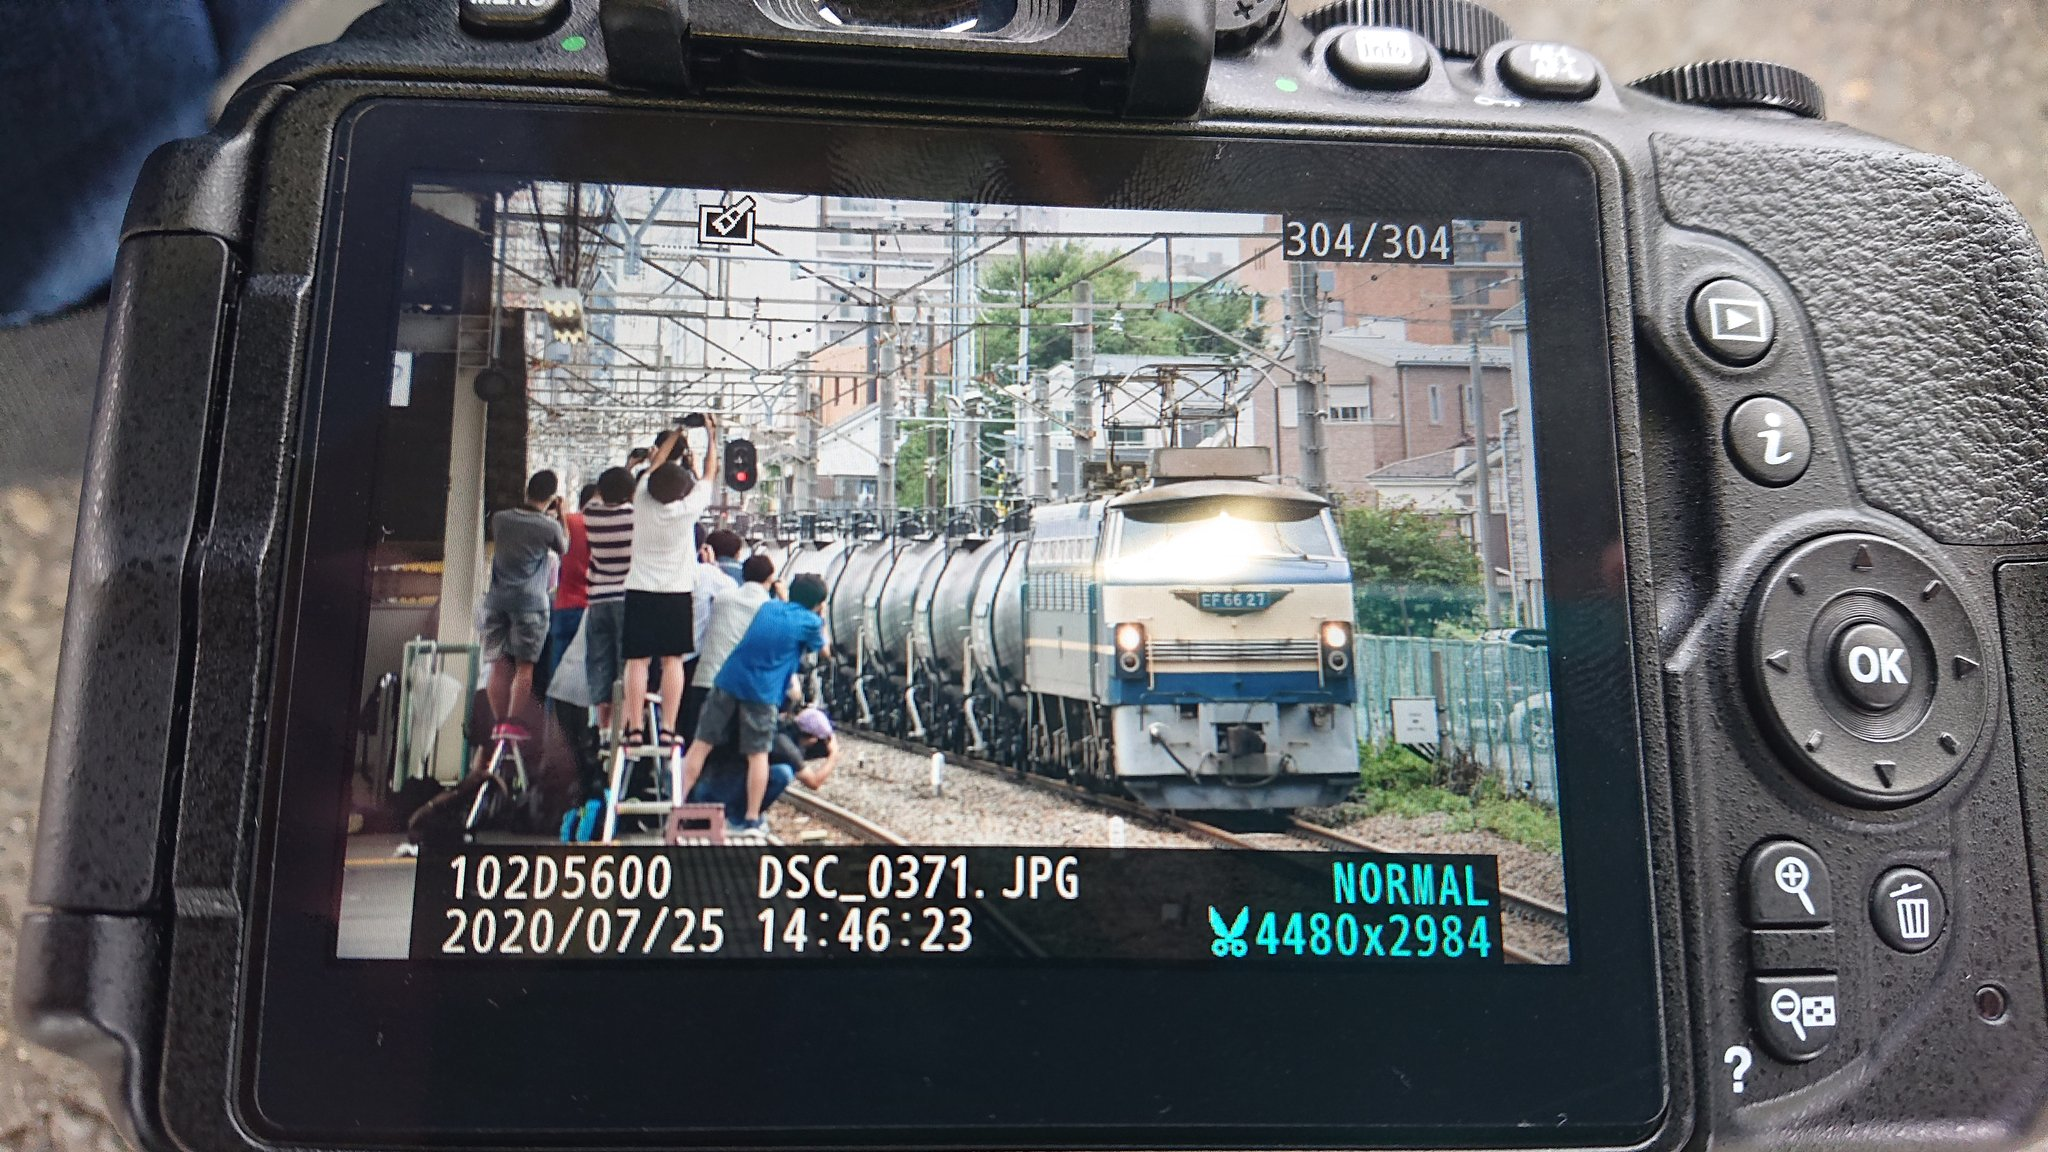 【怖くて一緒に撮りたくない】 三密にホームからはみ出し 撮り鉄が酷すぎて同業者からも苦言が なぜこの機関車「だけ」人気なのか